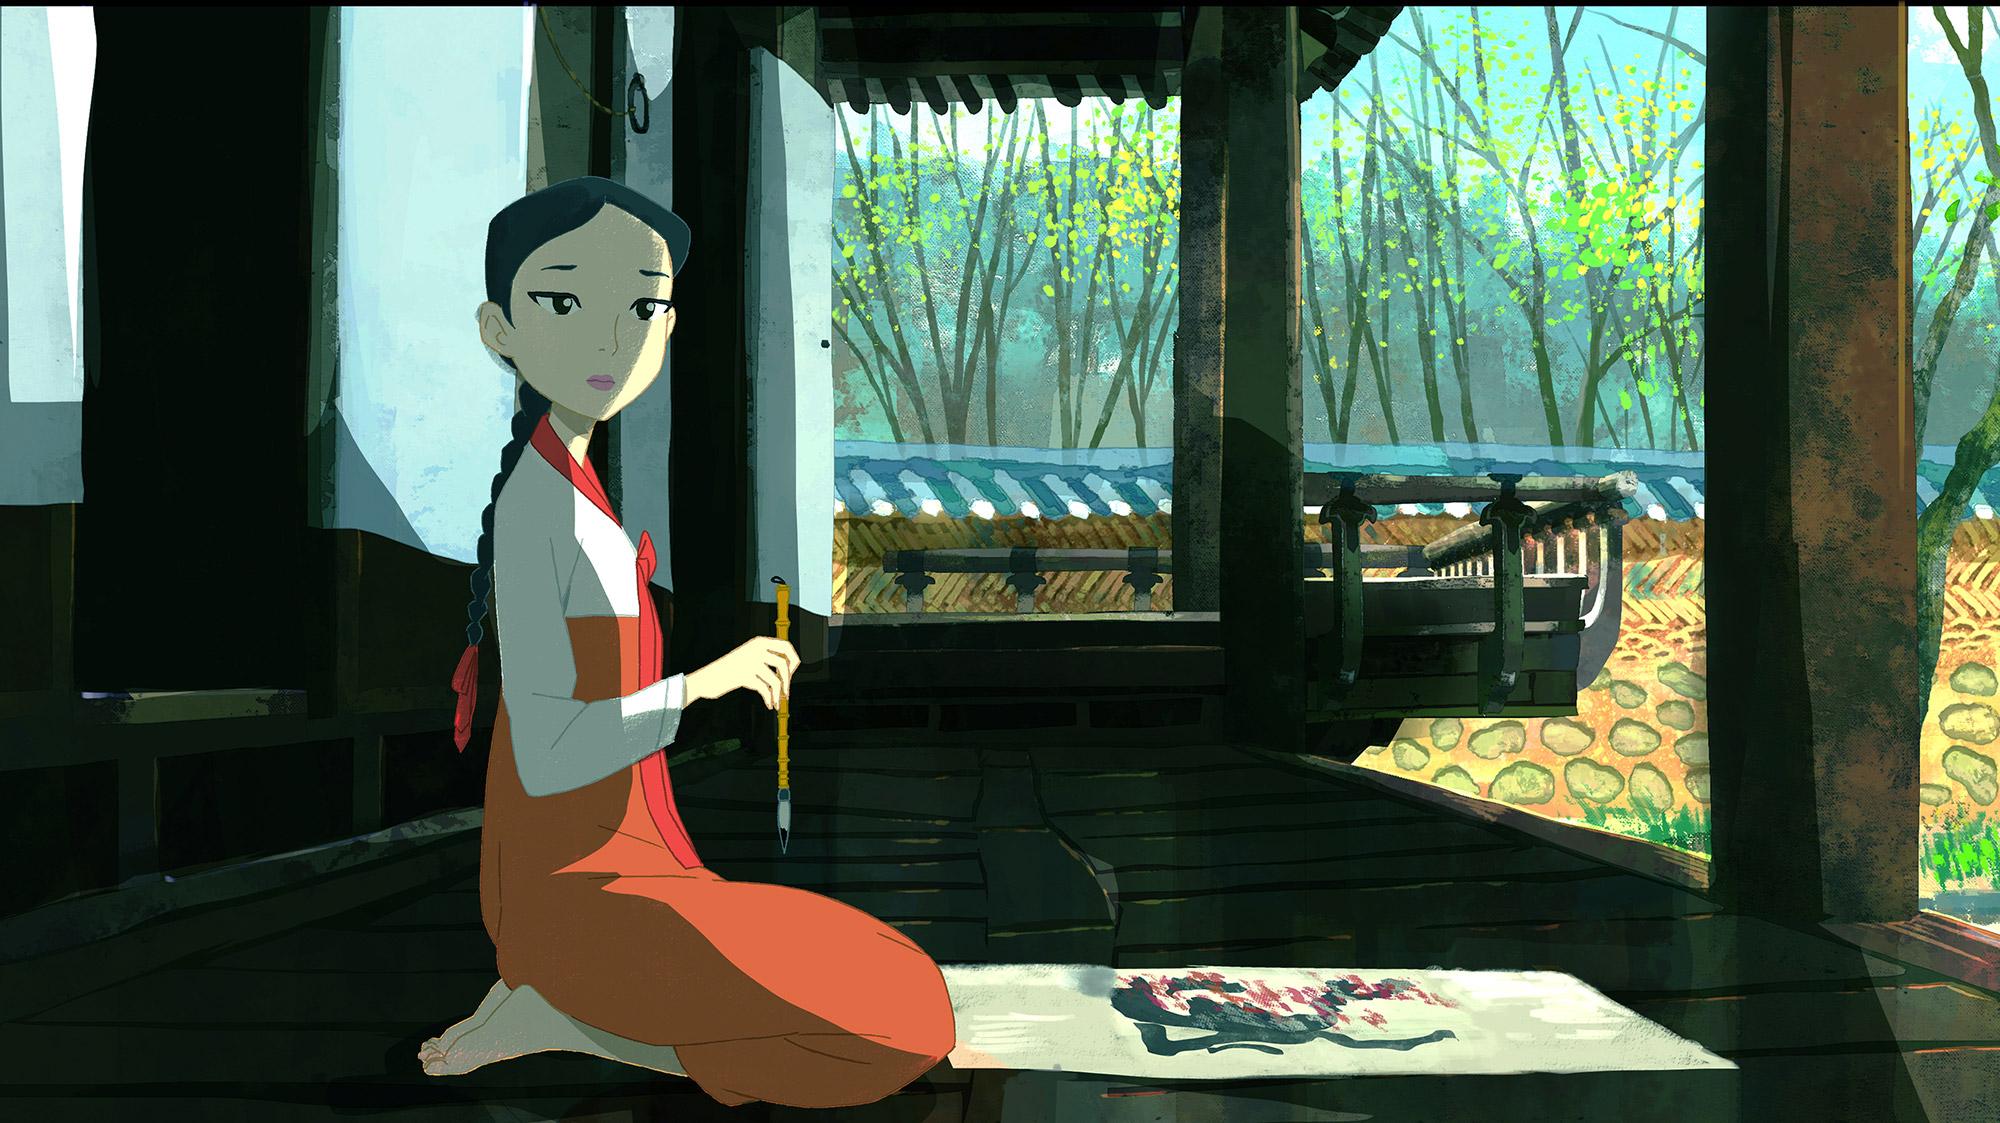 The Shaman Sorceress dalla Corea del Sud